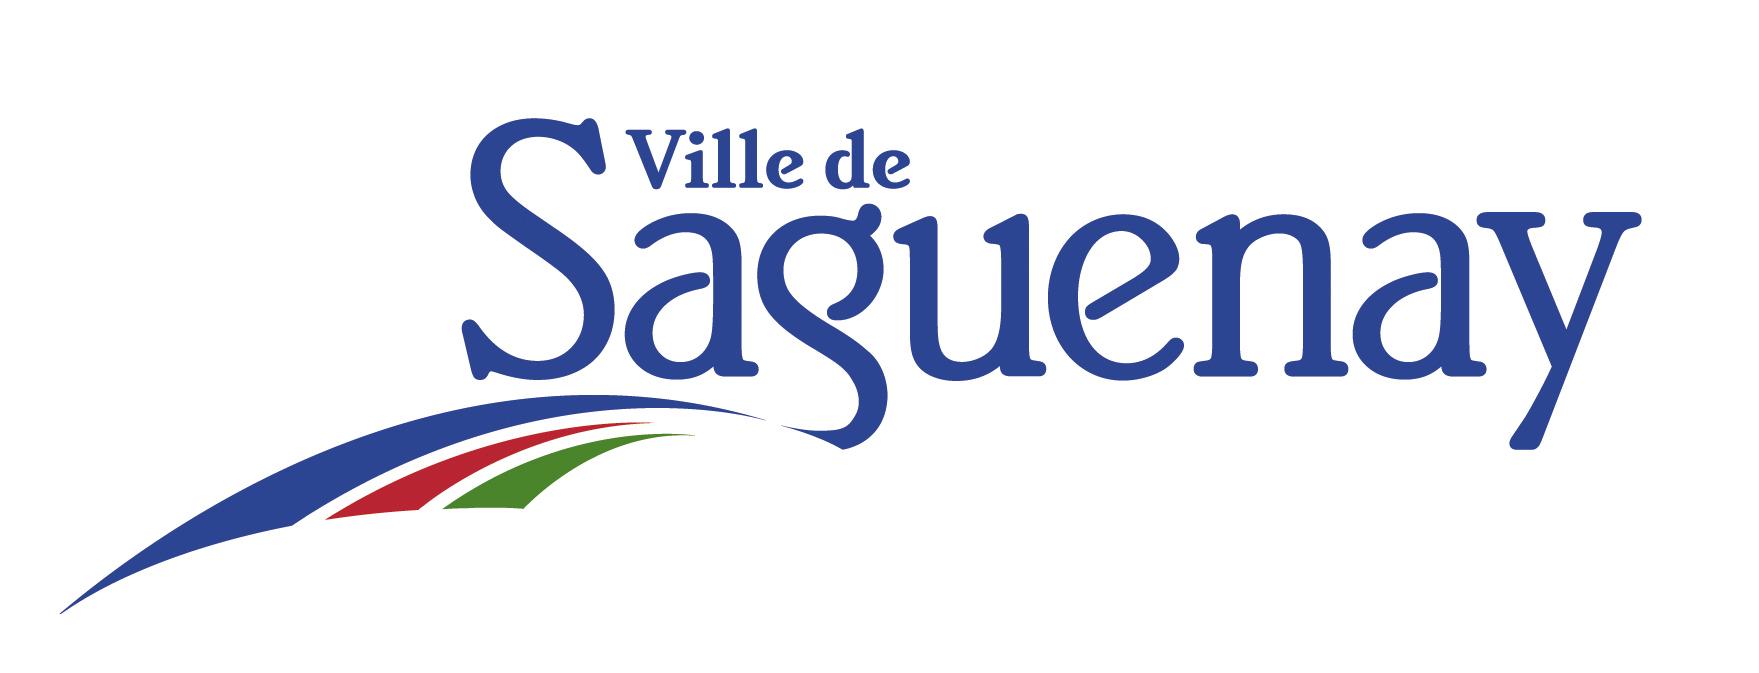 Saguenay couleur fond blanc